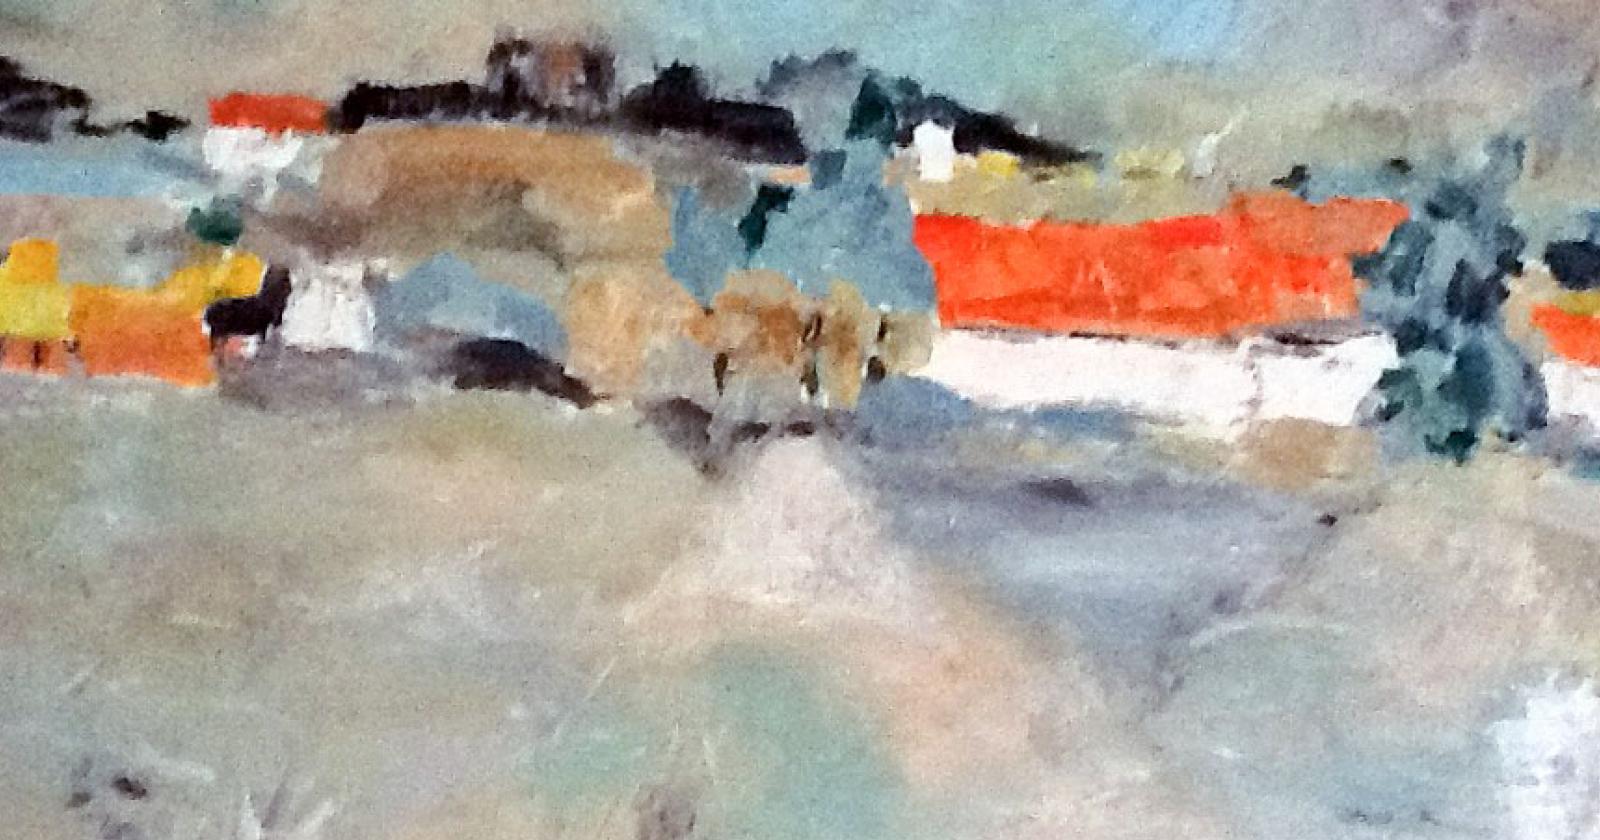 atelier-frissewind-1-153